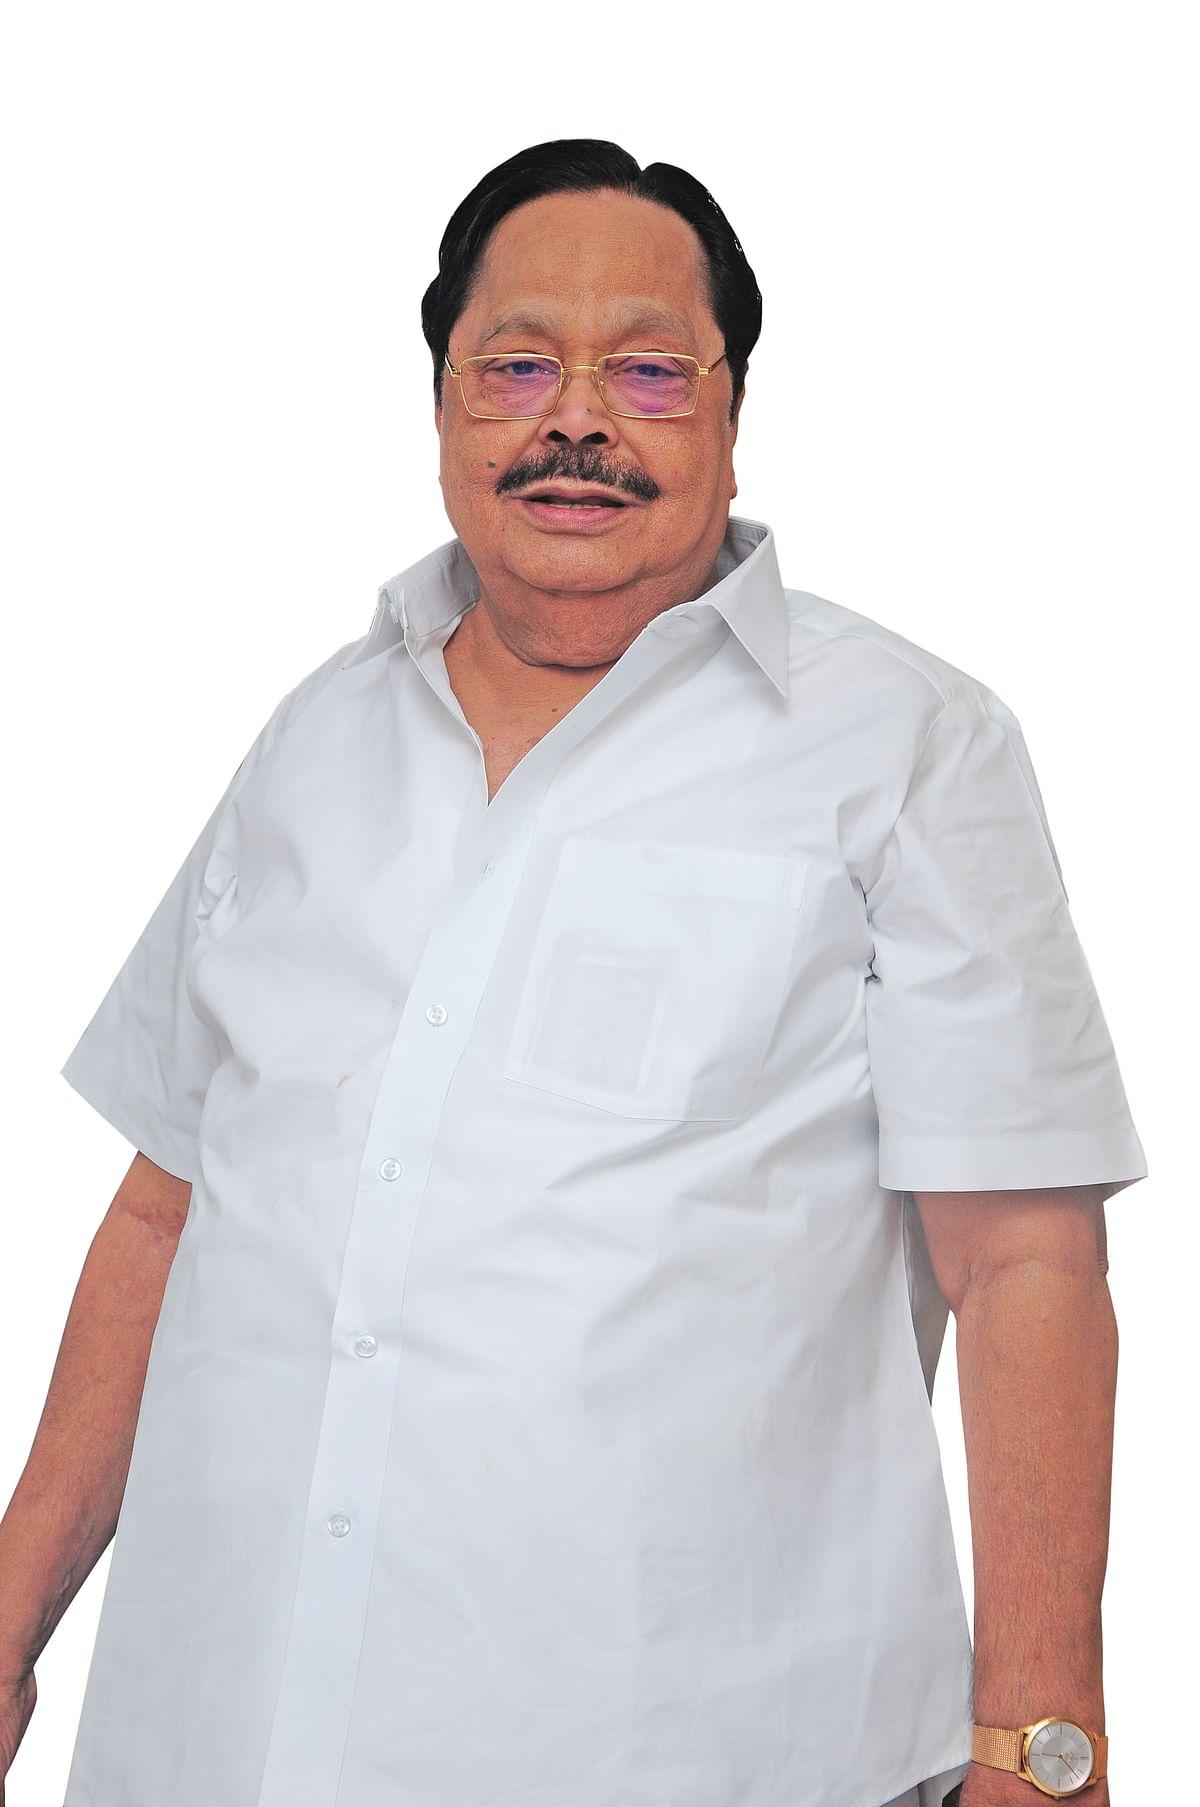 விஐபி தொகுதி: காட்பாடியில் கரைசேருவாரா துரைமுருகன்?